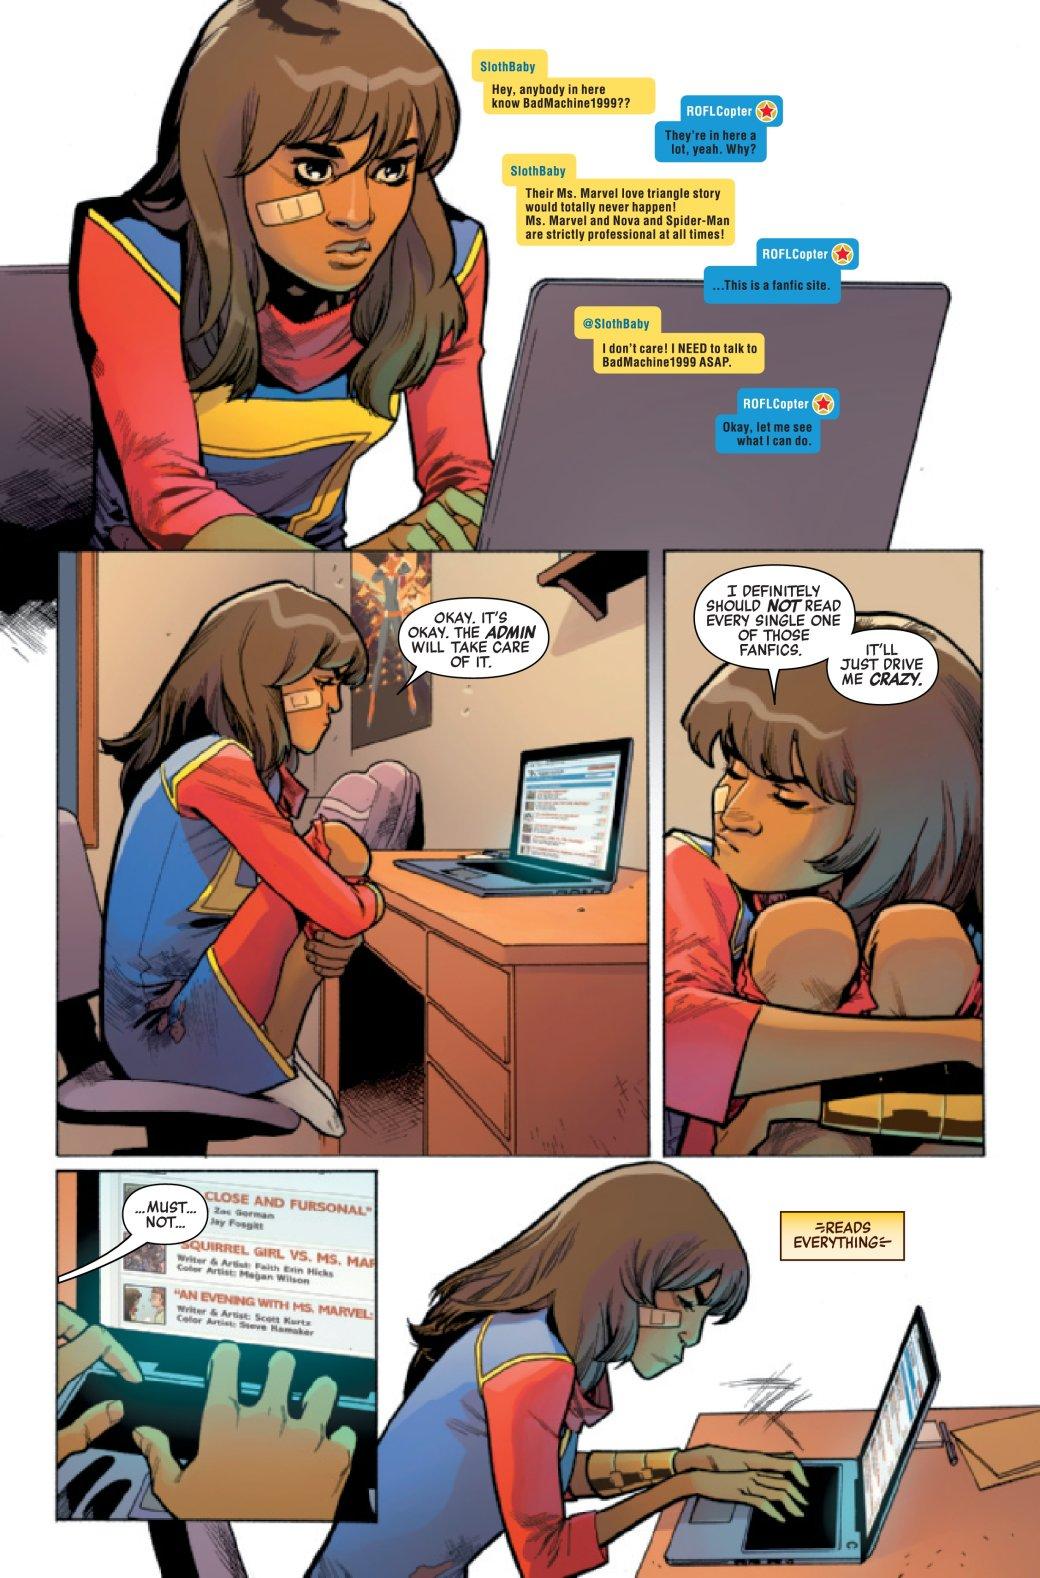 Начто способна мусульманка-супергерой? История Мисс Марвел | Канобу - Изображение 6998